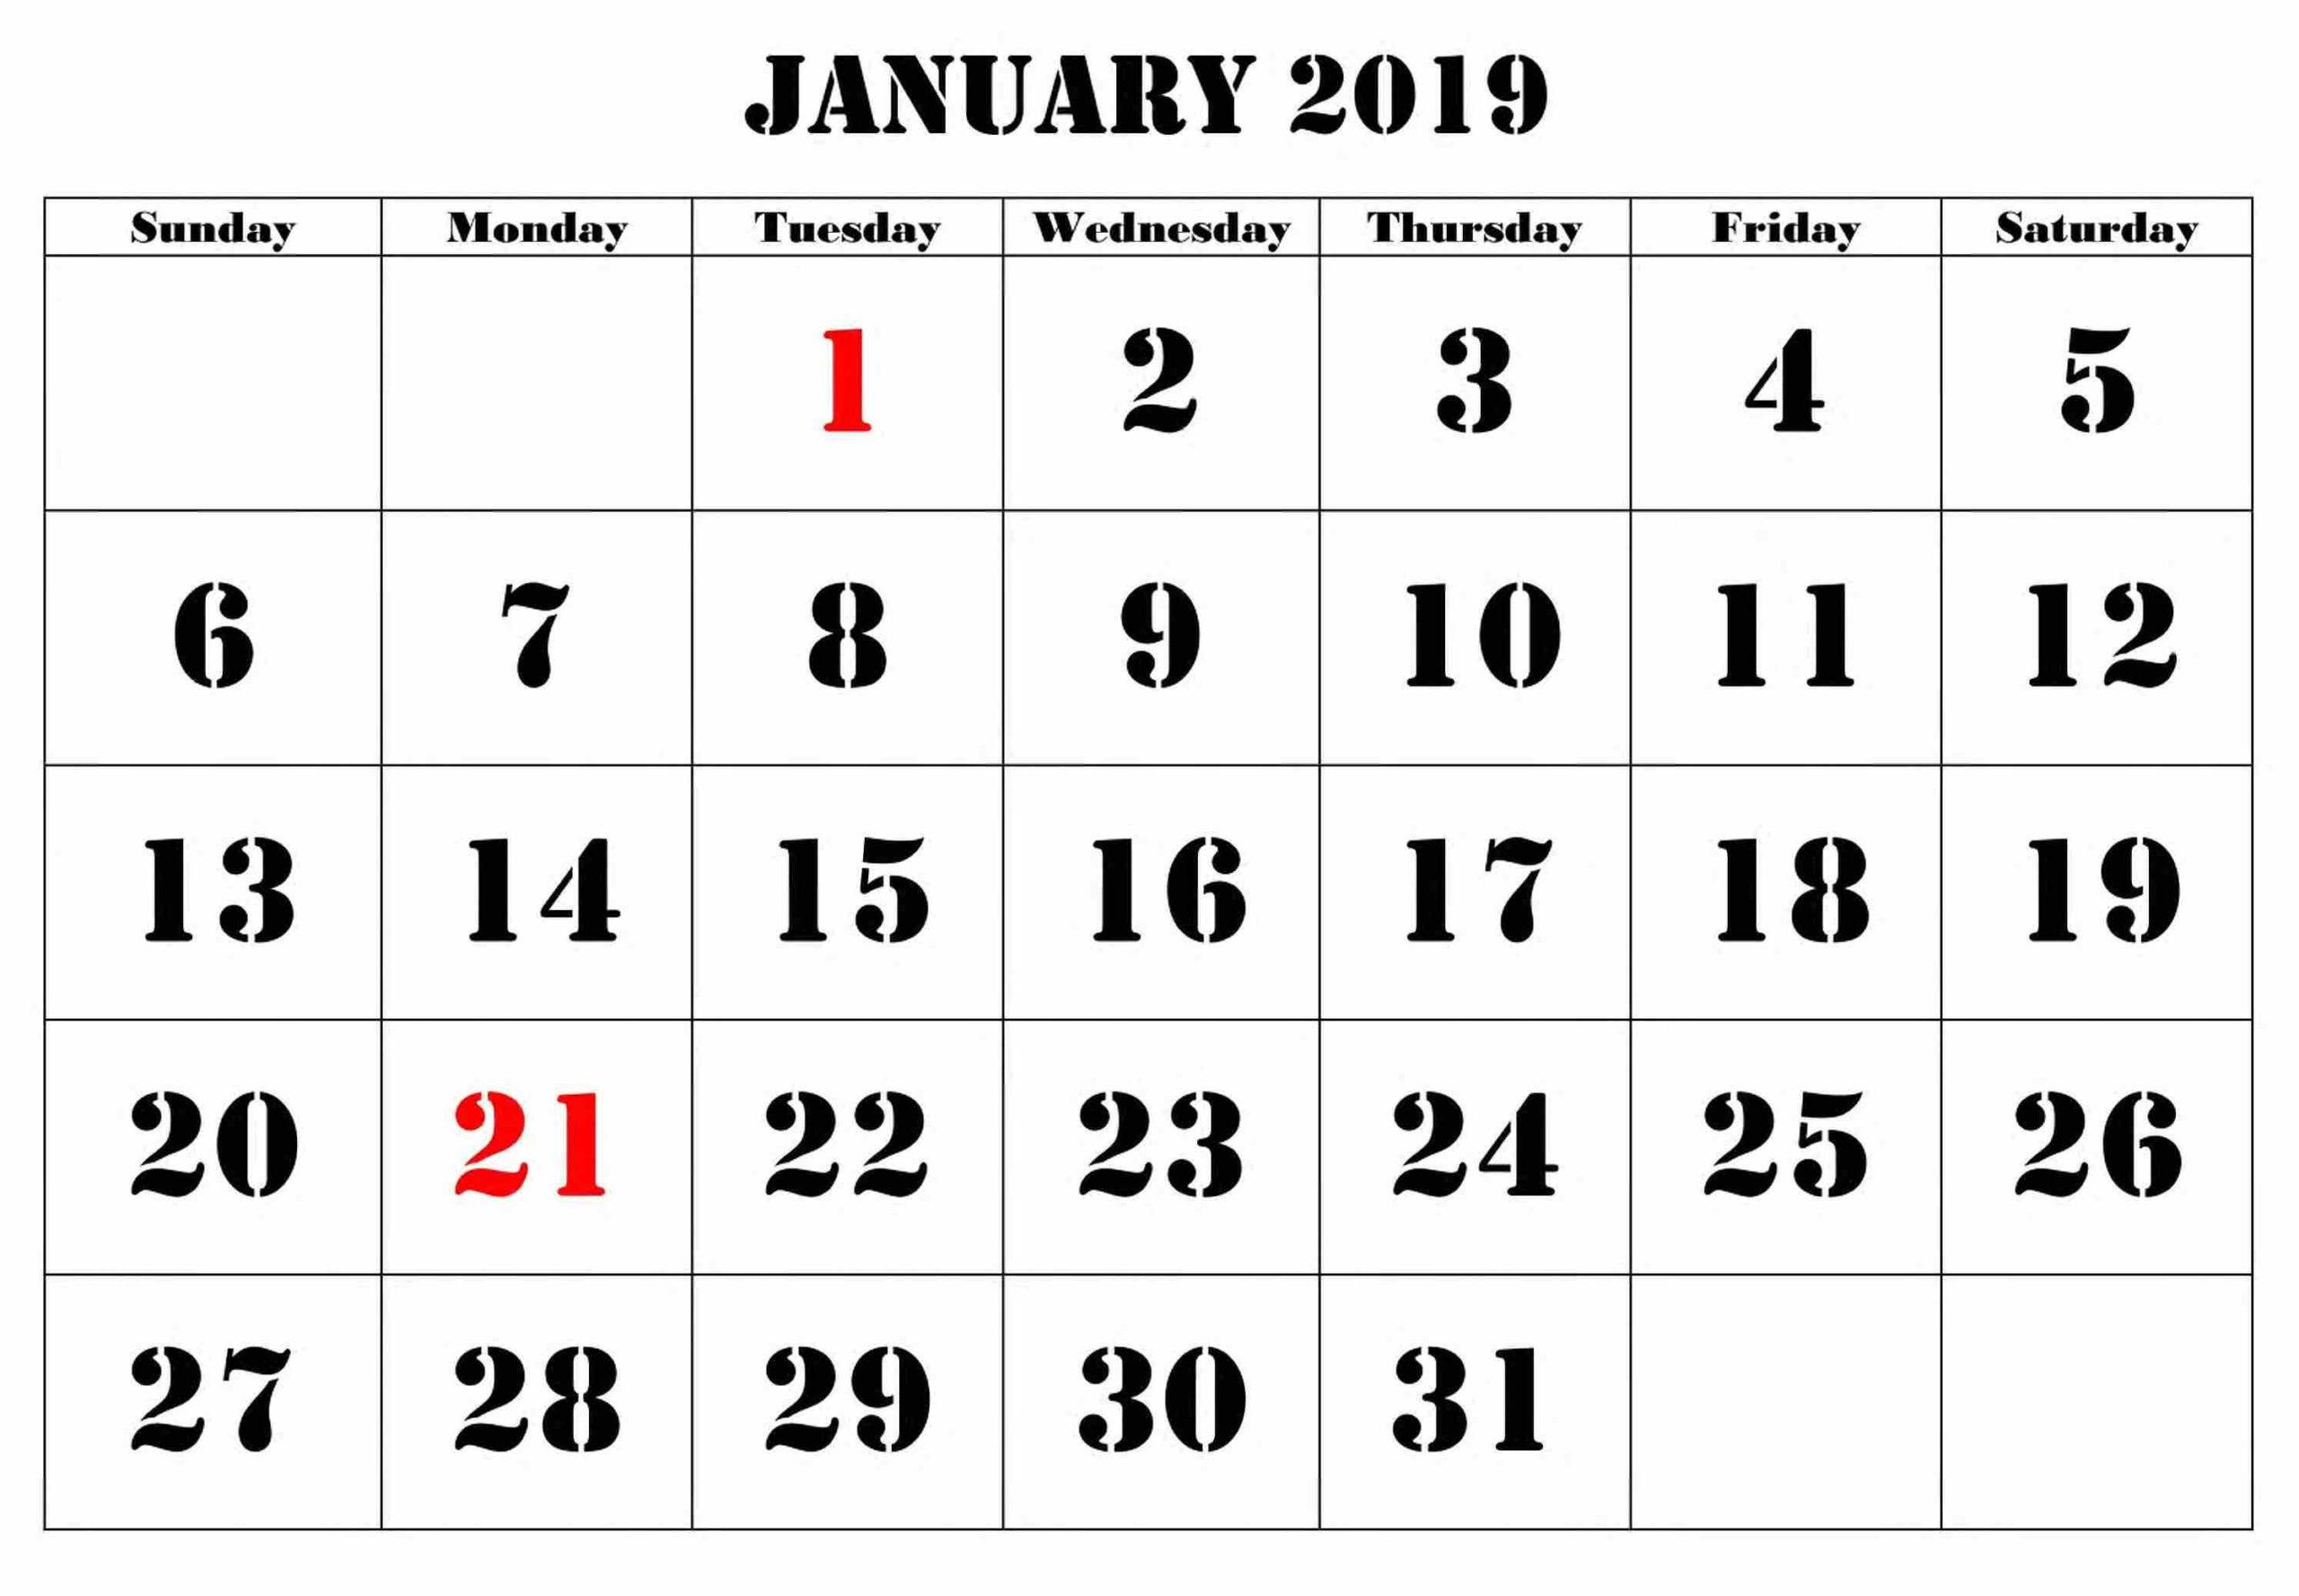 Calendar January 2019 Large Number #Januarycalendar pertaining to Large Number Calendar